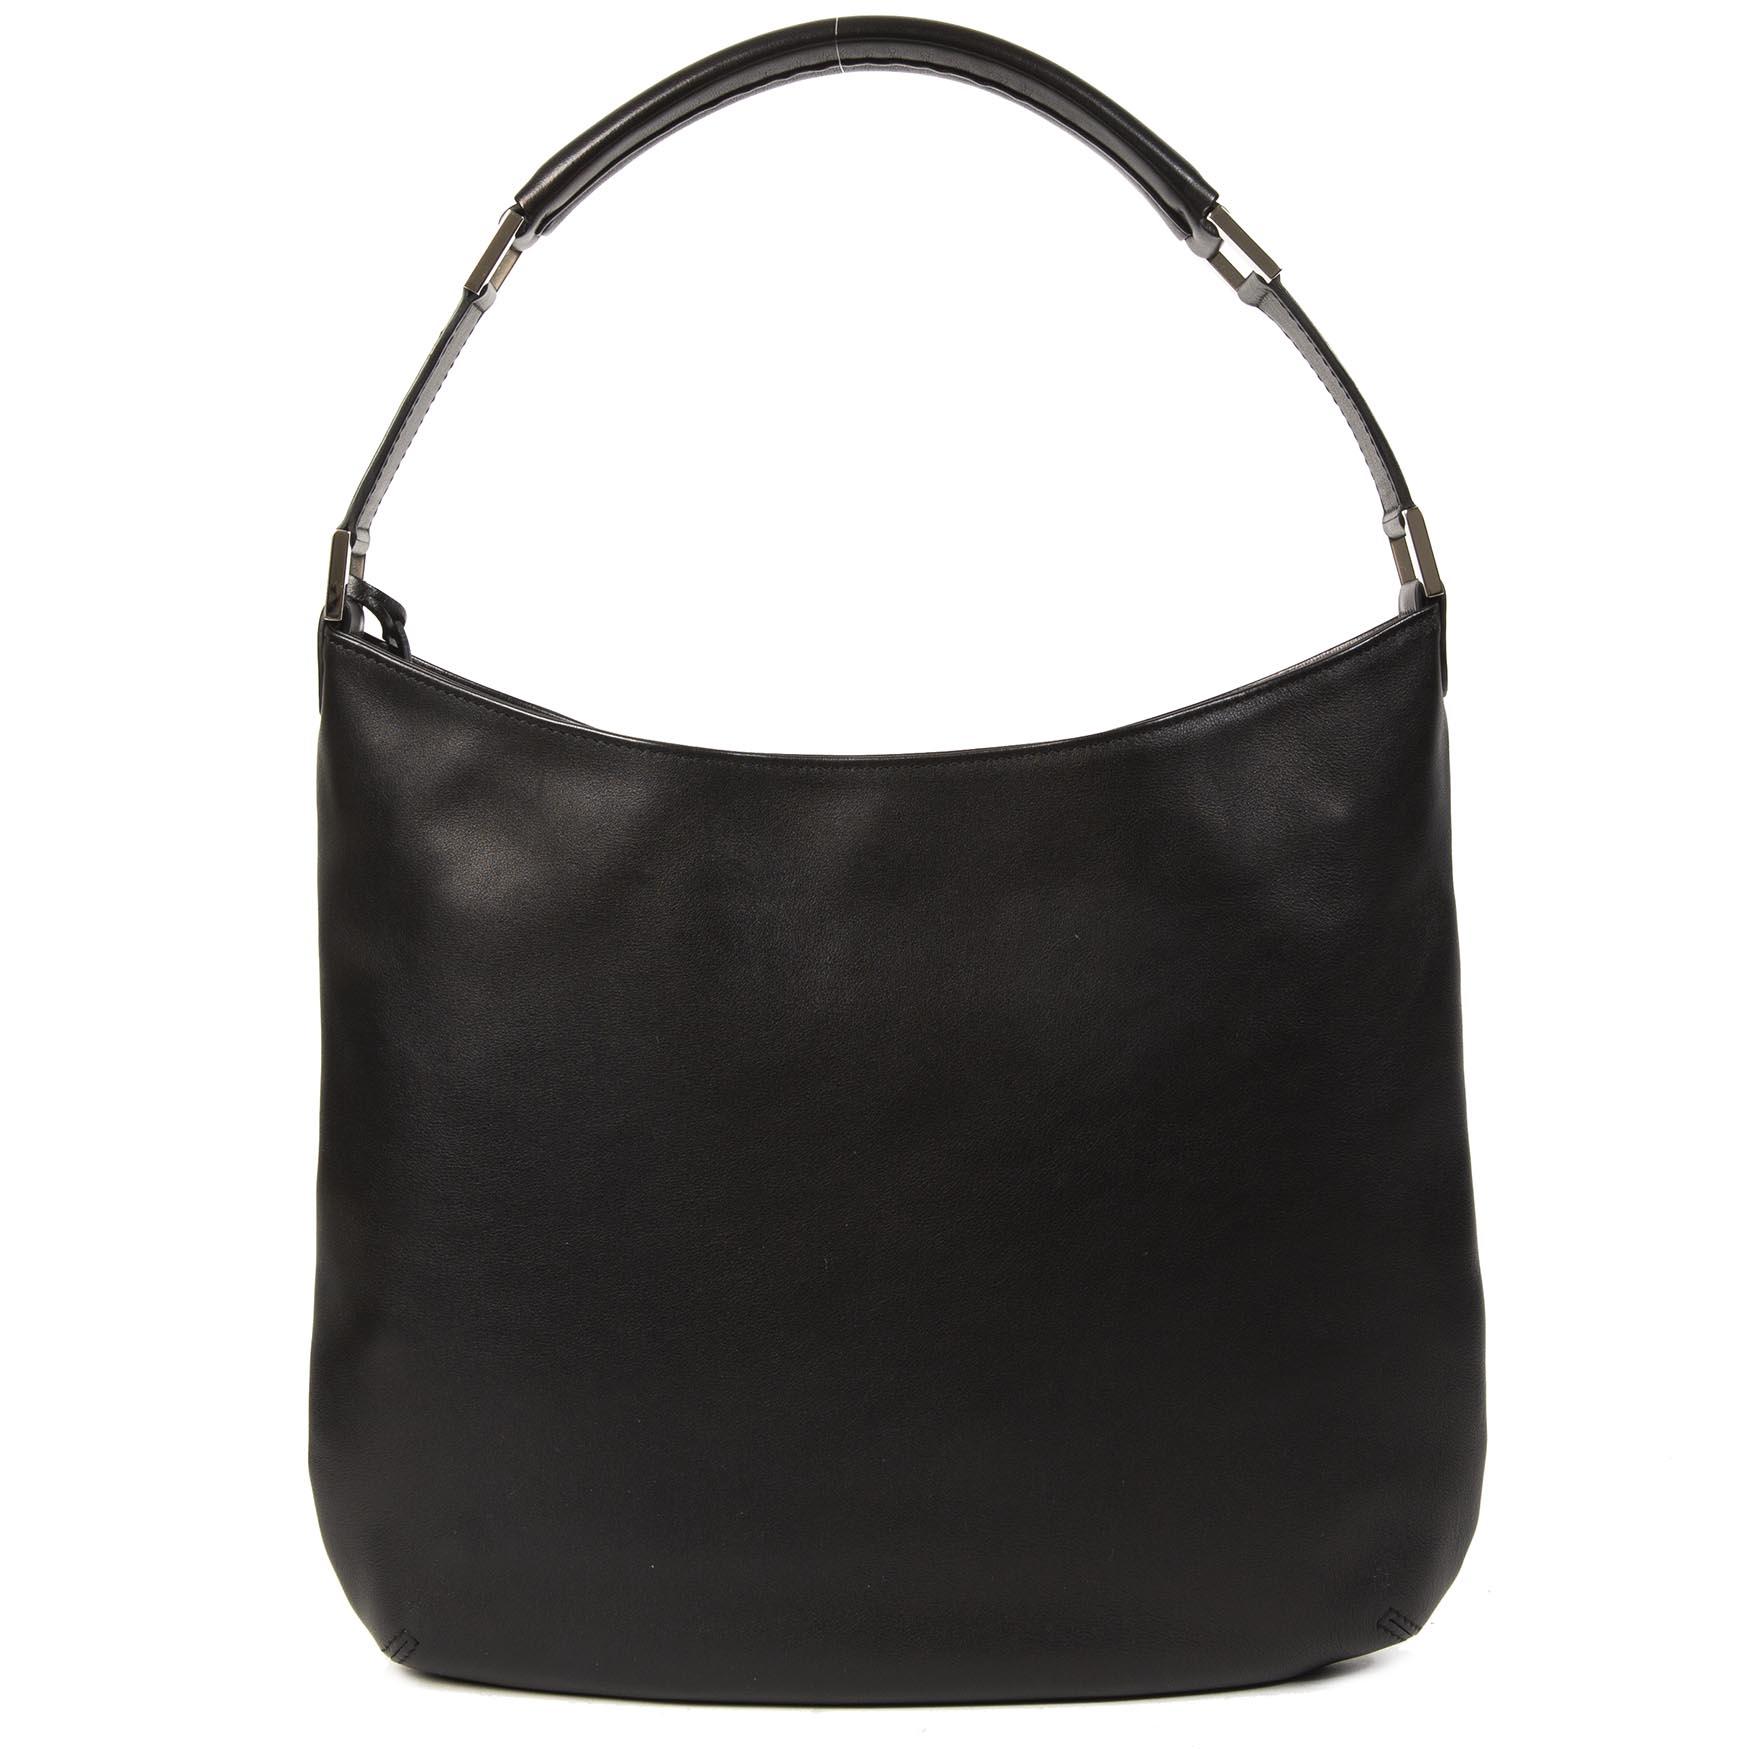 Authentieke tweedehands Delvaux D Louise PM Polo Black Bag juiste prijs veilig online winkelen LabelLOV webshop luxe merken winkelen Antwerpen België mode fashion